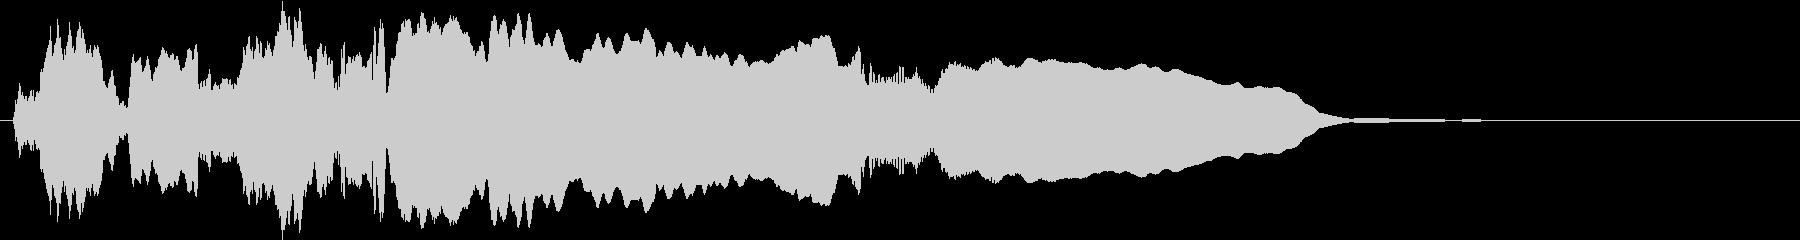 音侍SE「尺八フレーズ1」エニグマ音11の未再生の波形